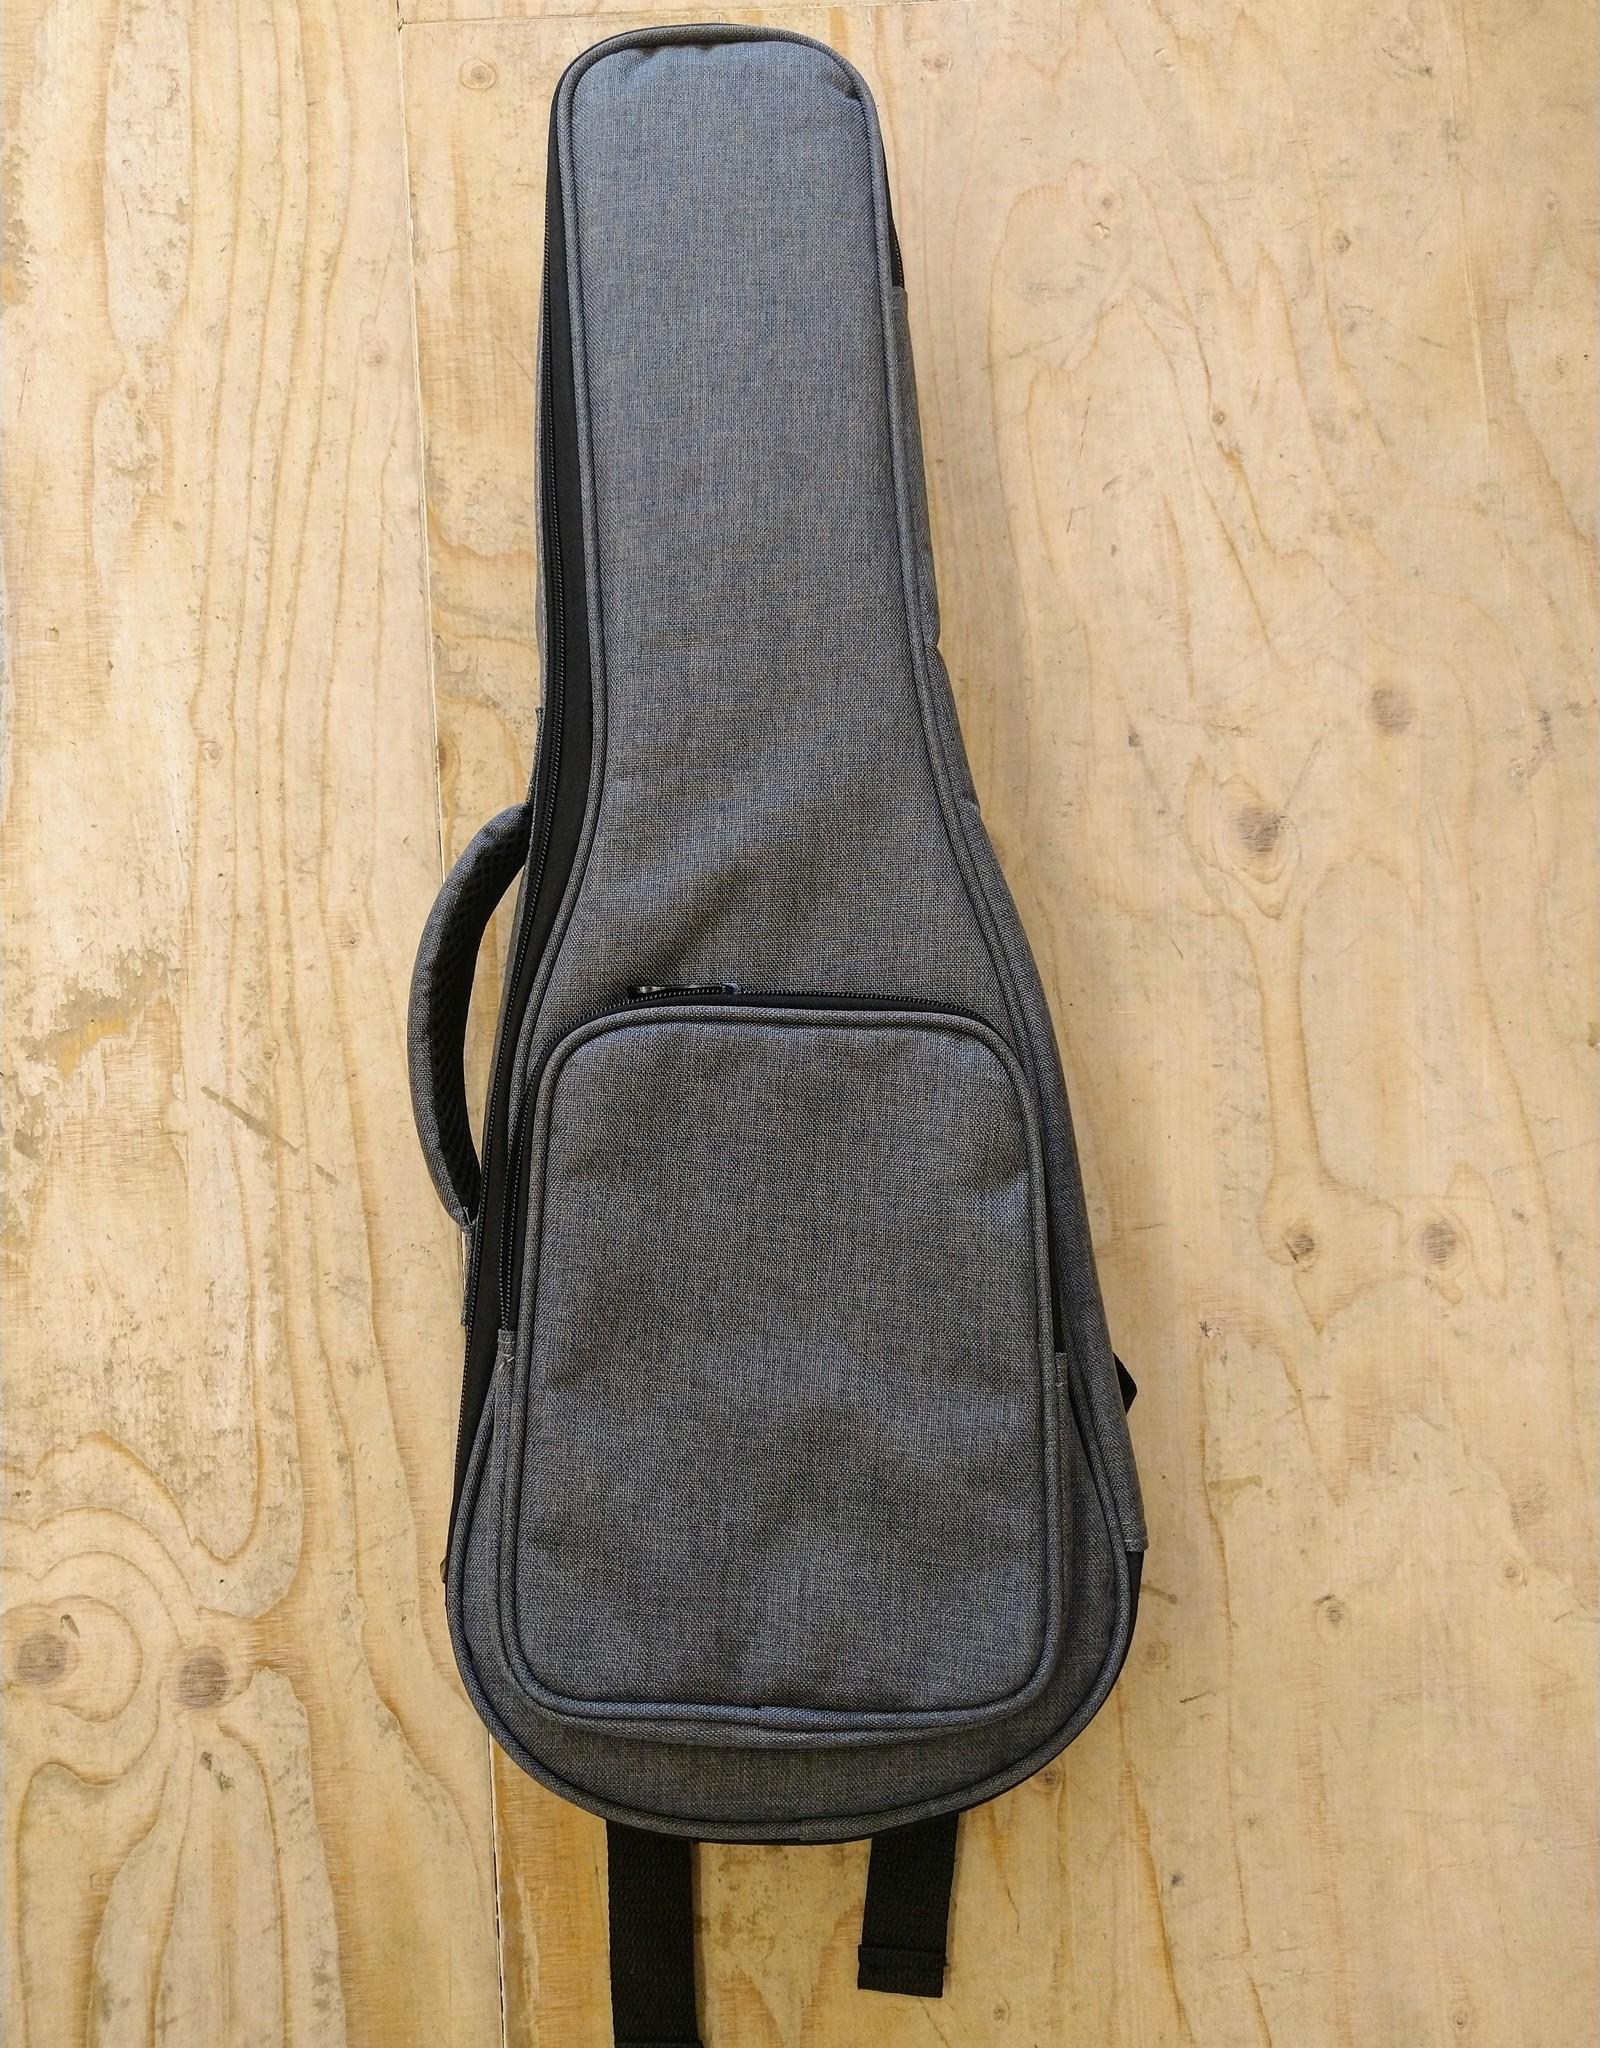 Softcase klassieke gitaar - art. ccl-250